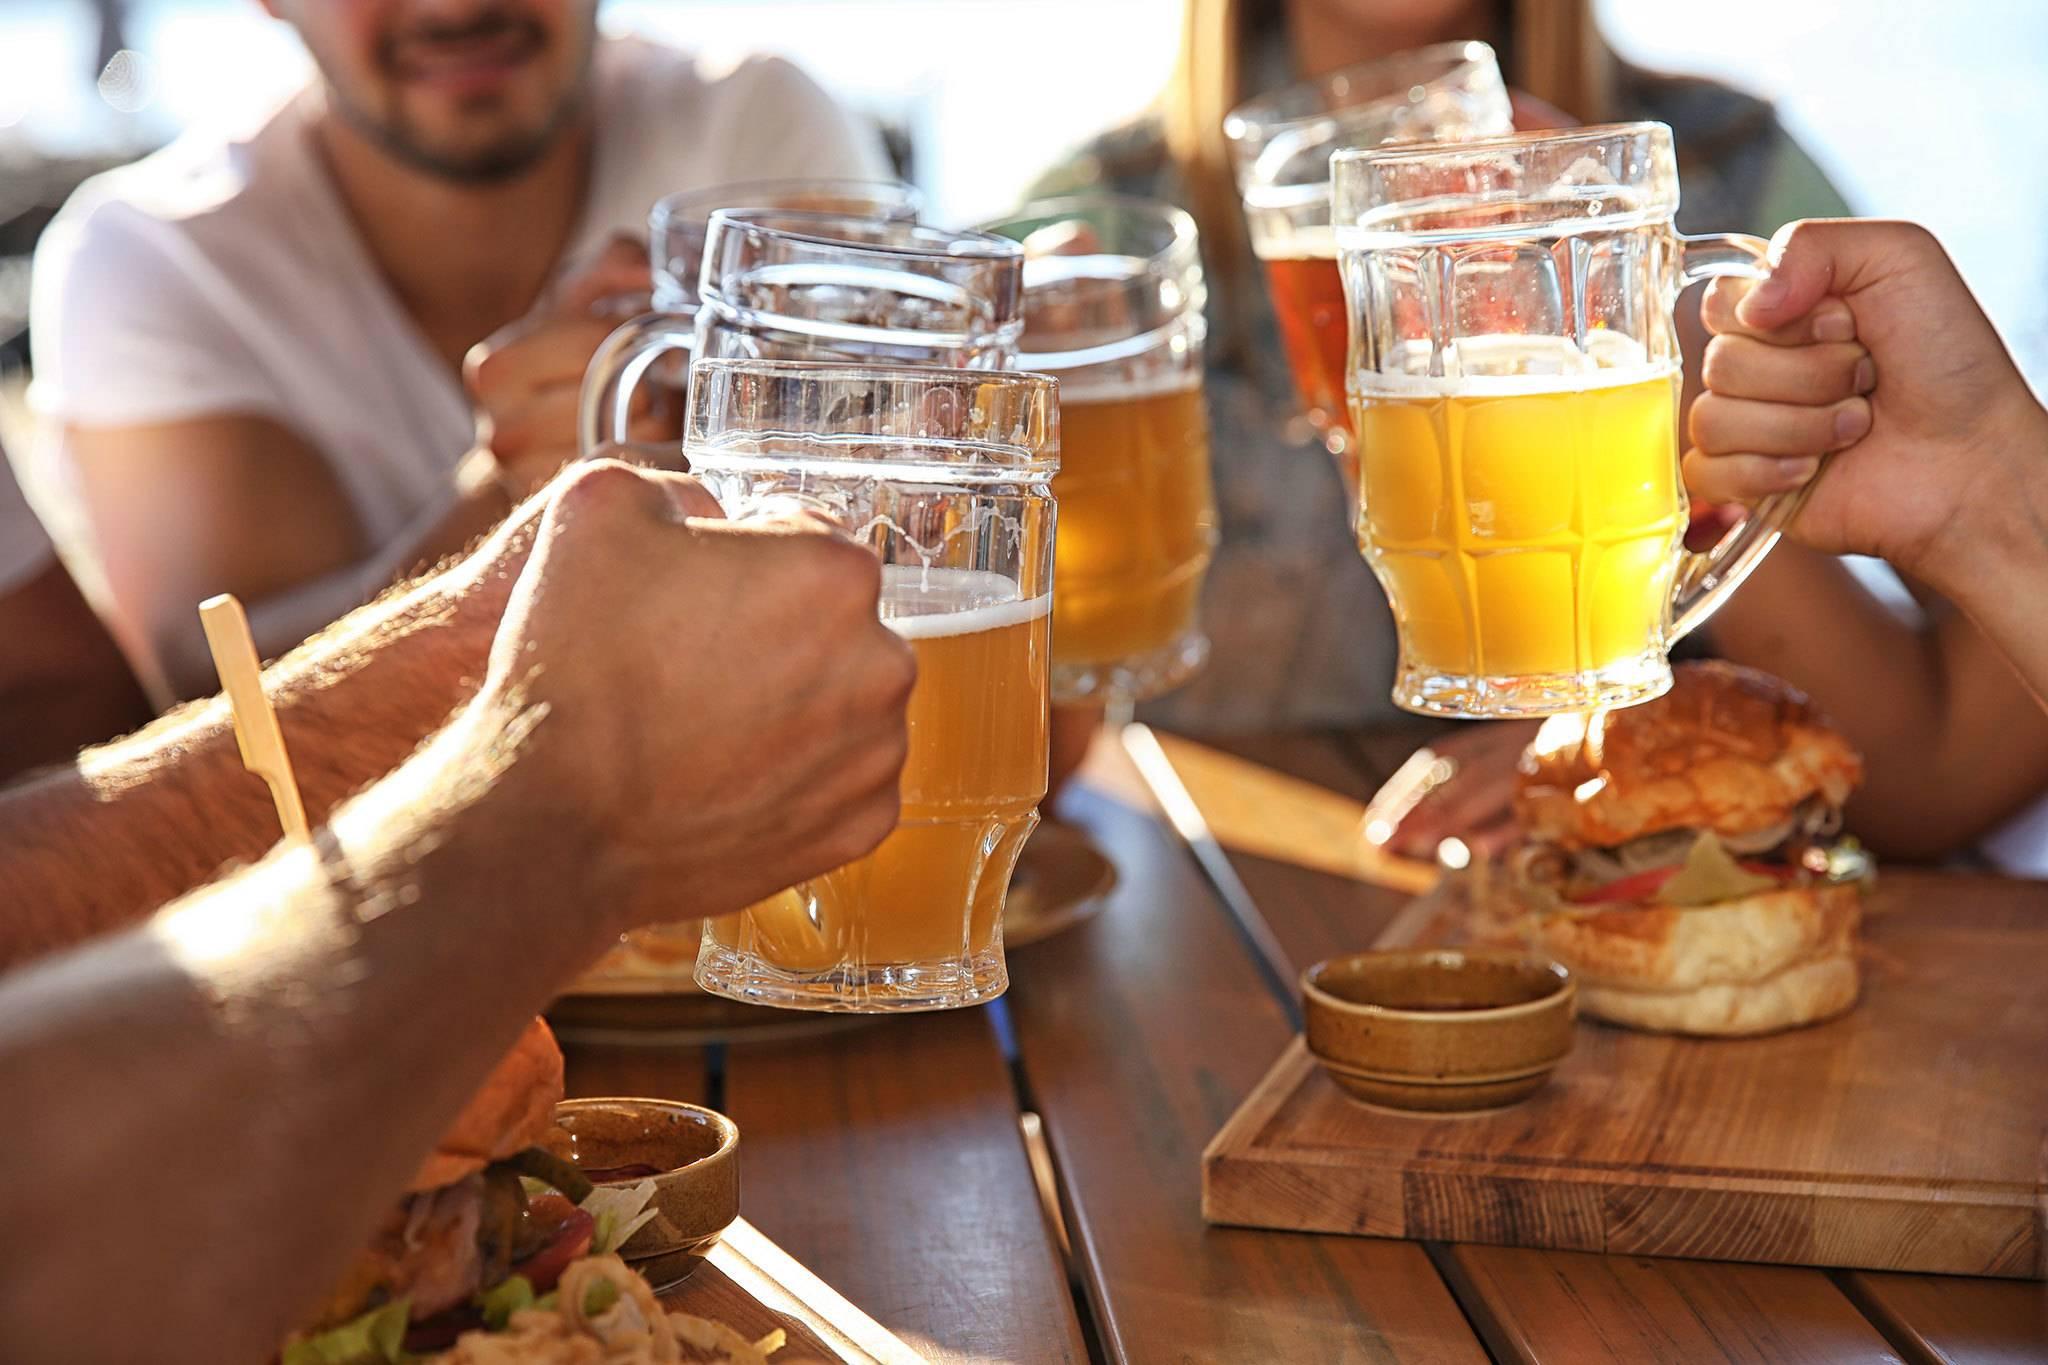 Сколько можно выпить водки? как употреблять алкоголь не пьянея и не допуская похмелья